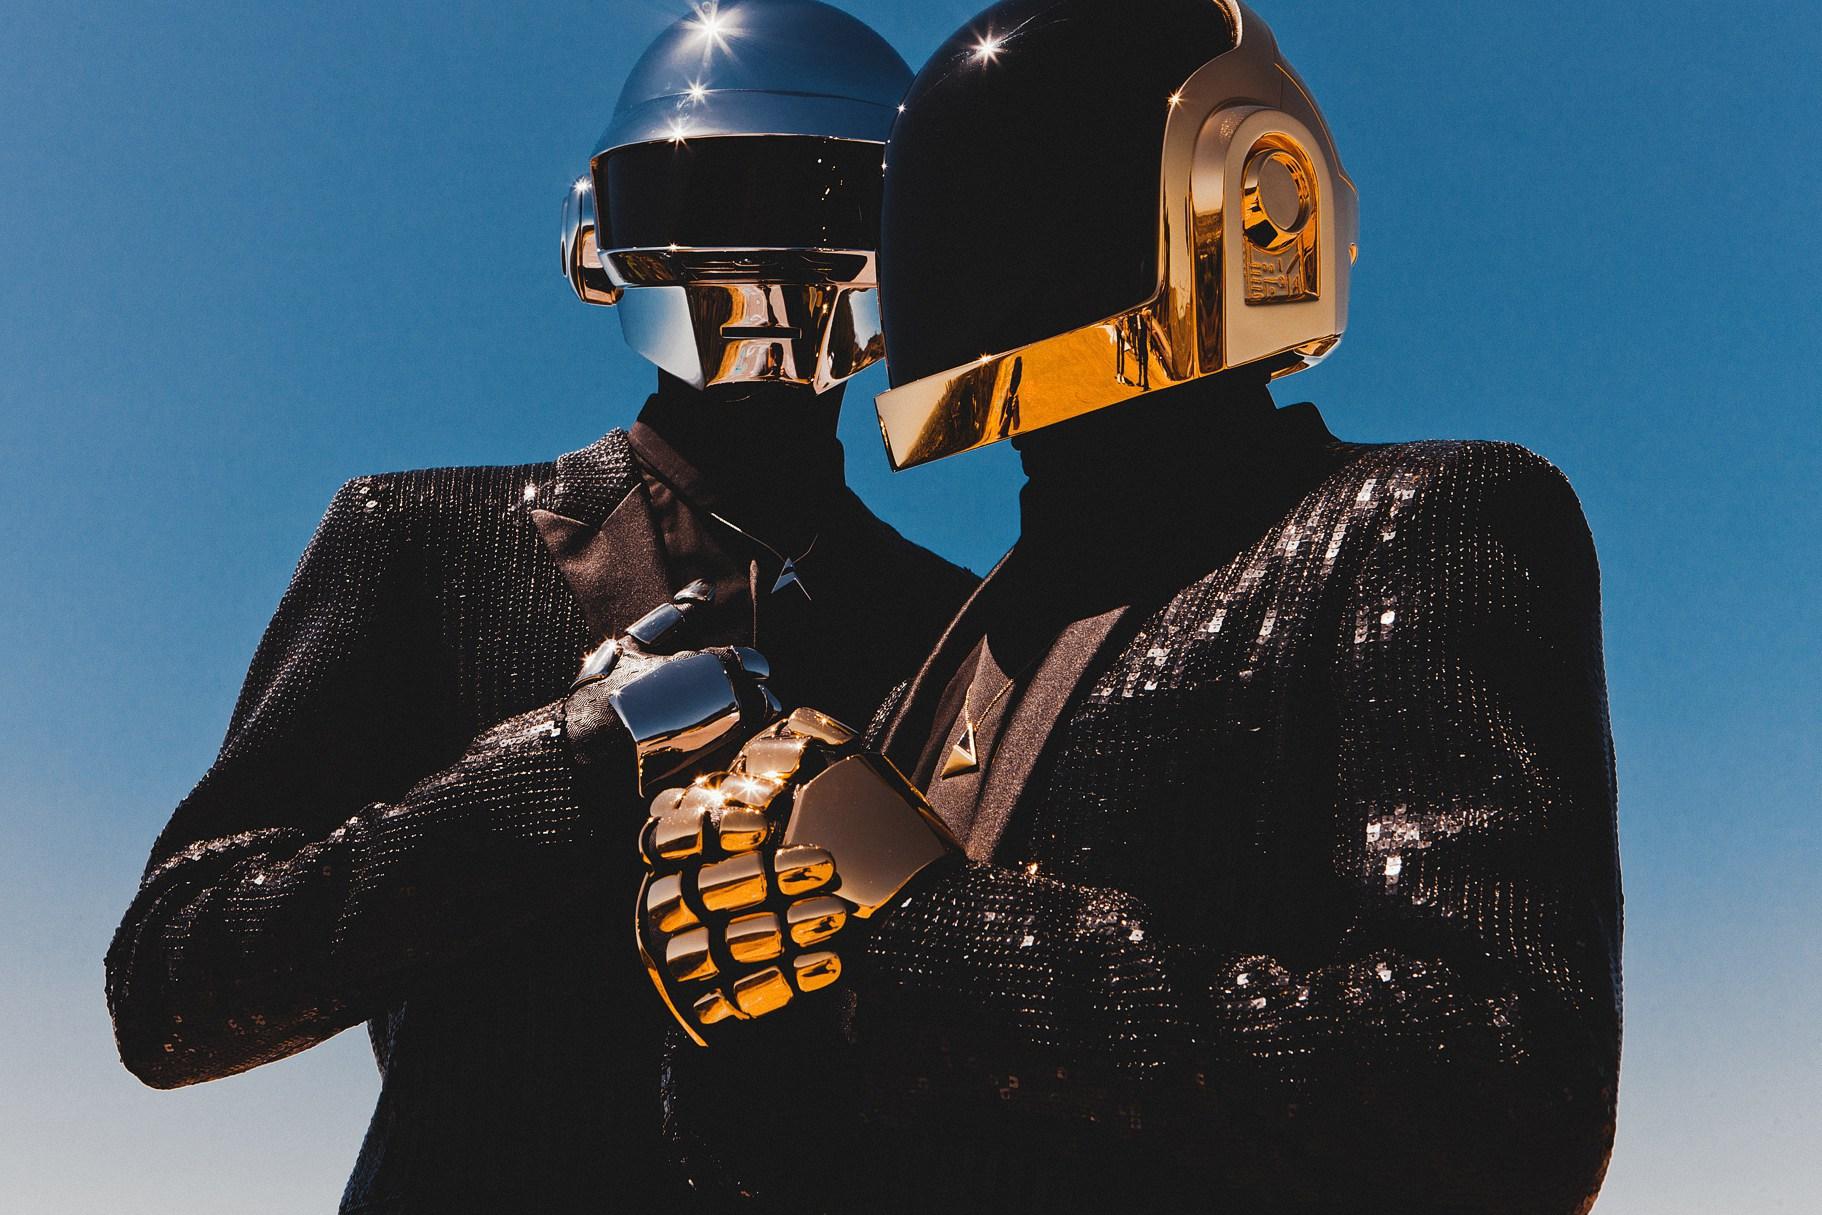 Daft Punk 2017 Tour Rumor